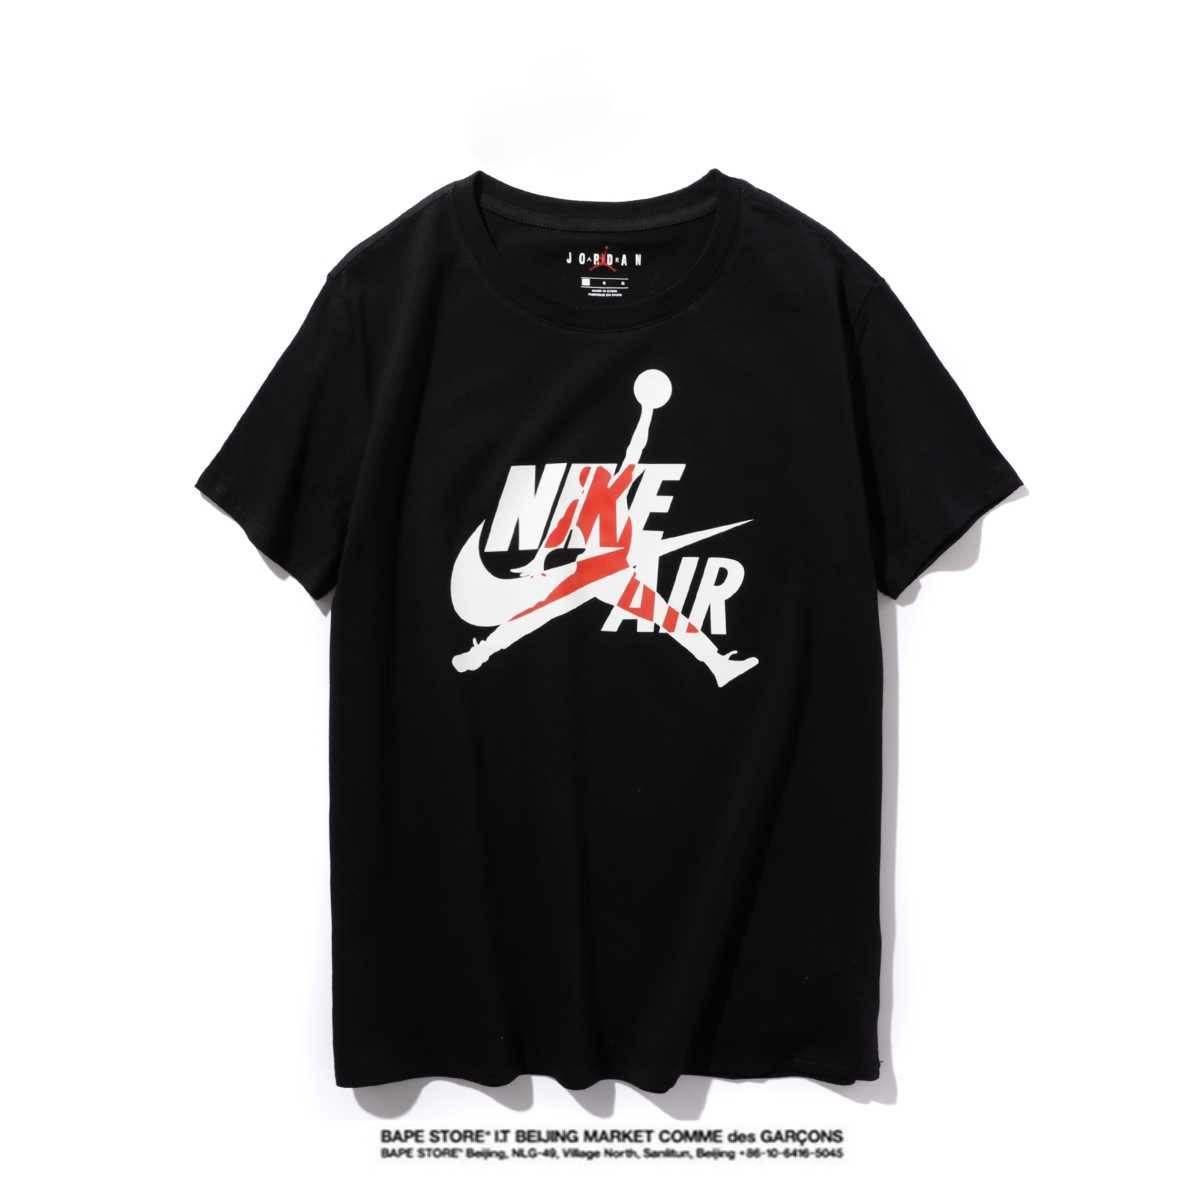 Jordan Hohe Qualität Neuer Brief Printing Short Sleeve Mode Aufmaß Cotton Hip Hop-Männer Frauen Paar Designer-T-Shirt S-XXL # 99788